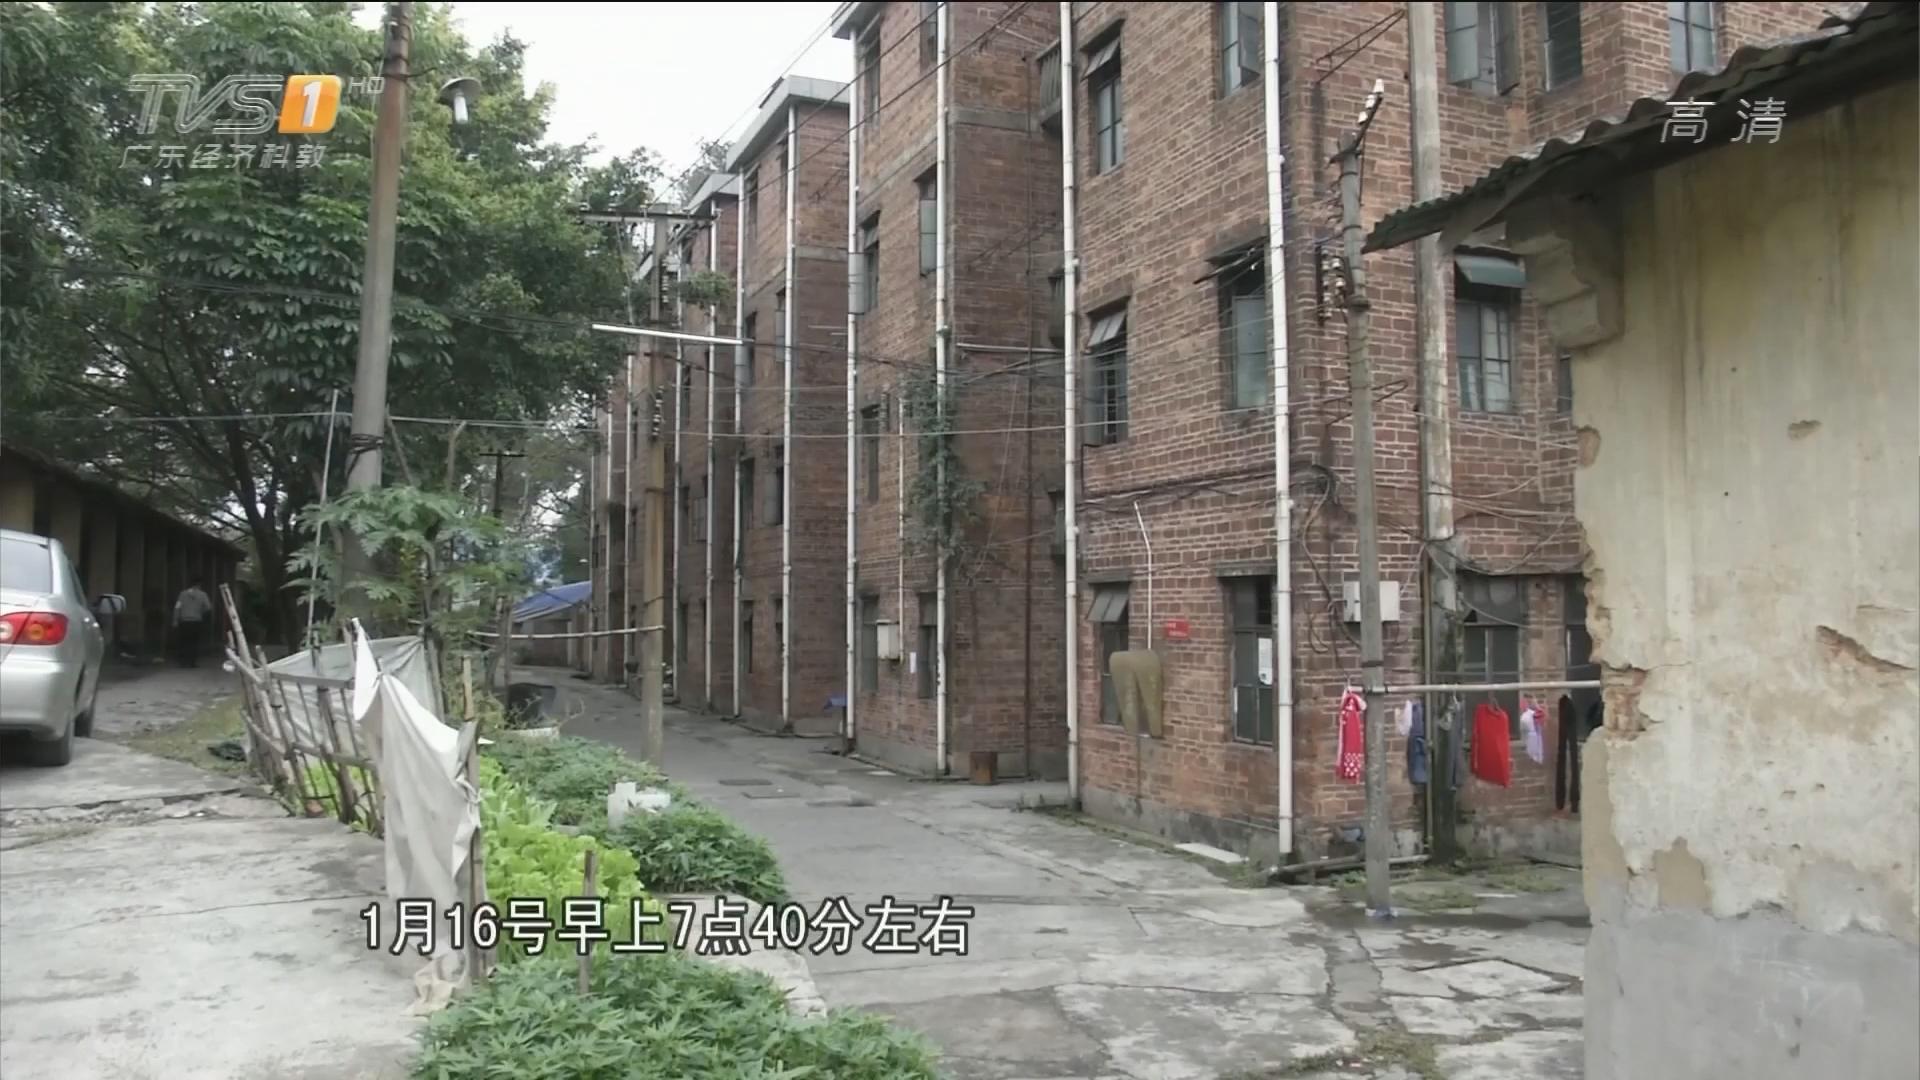 广州花都:男子入室行凶三人伤亡 警方悬赏通缉